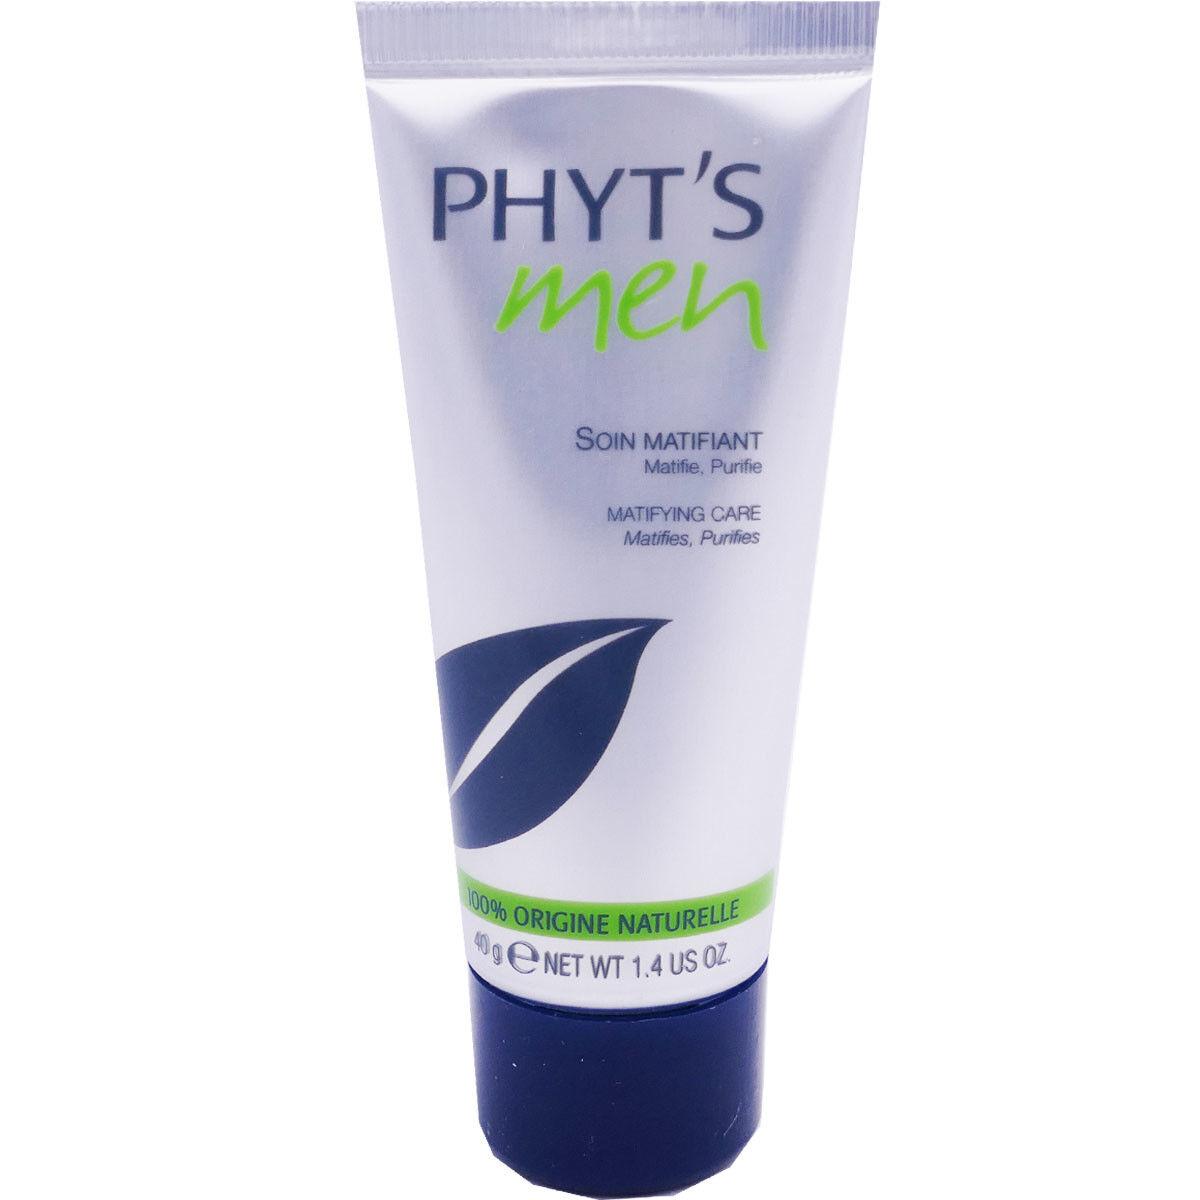 Phyt's men soin matifiant 40g